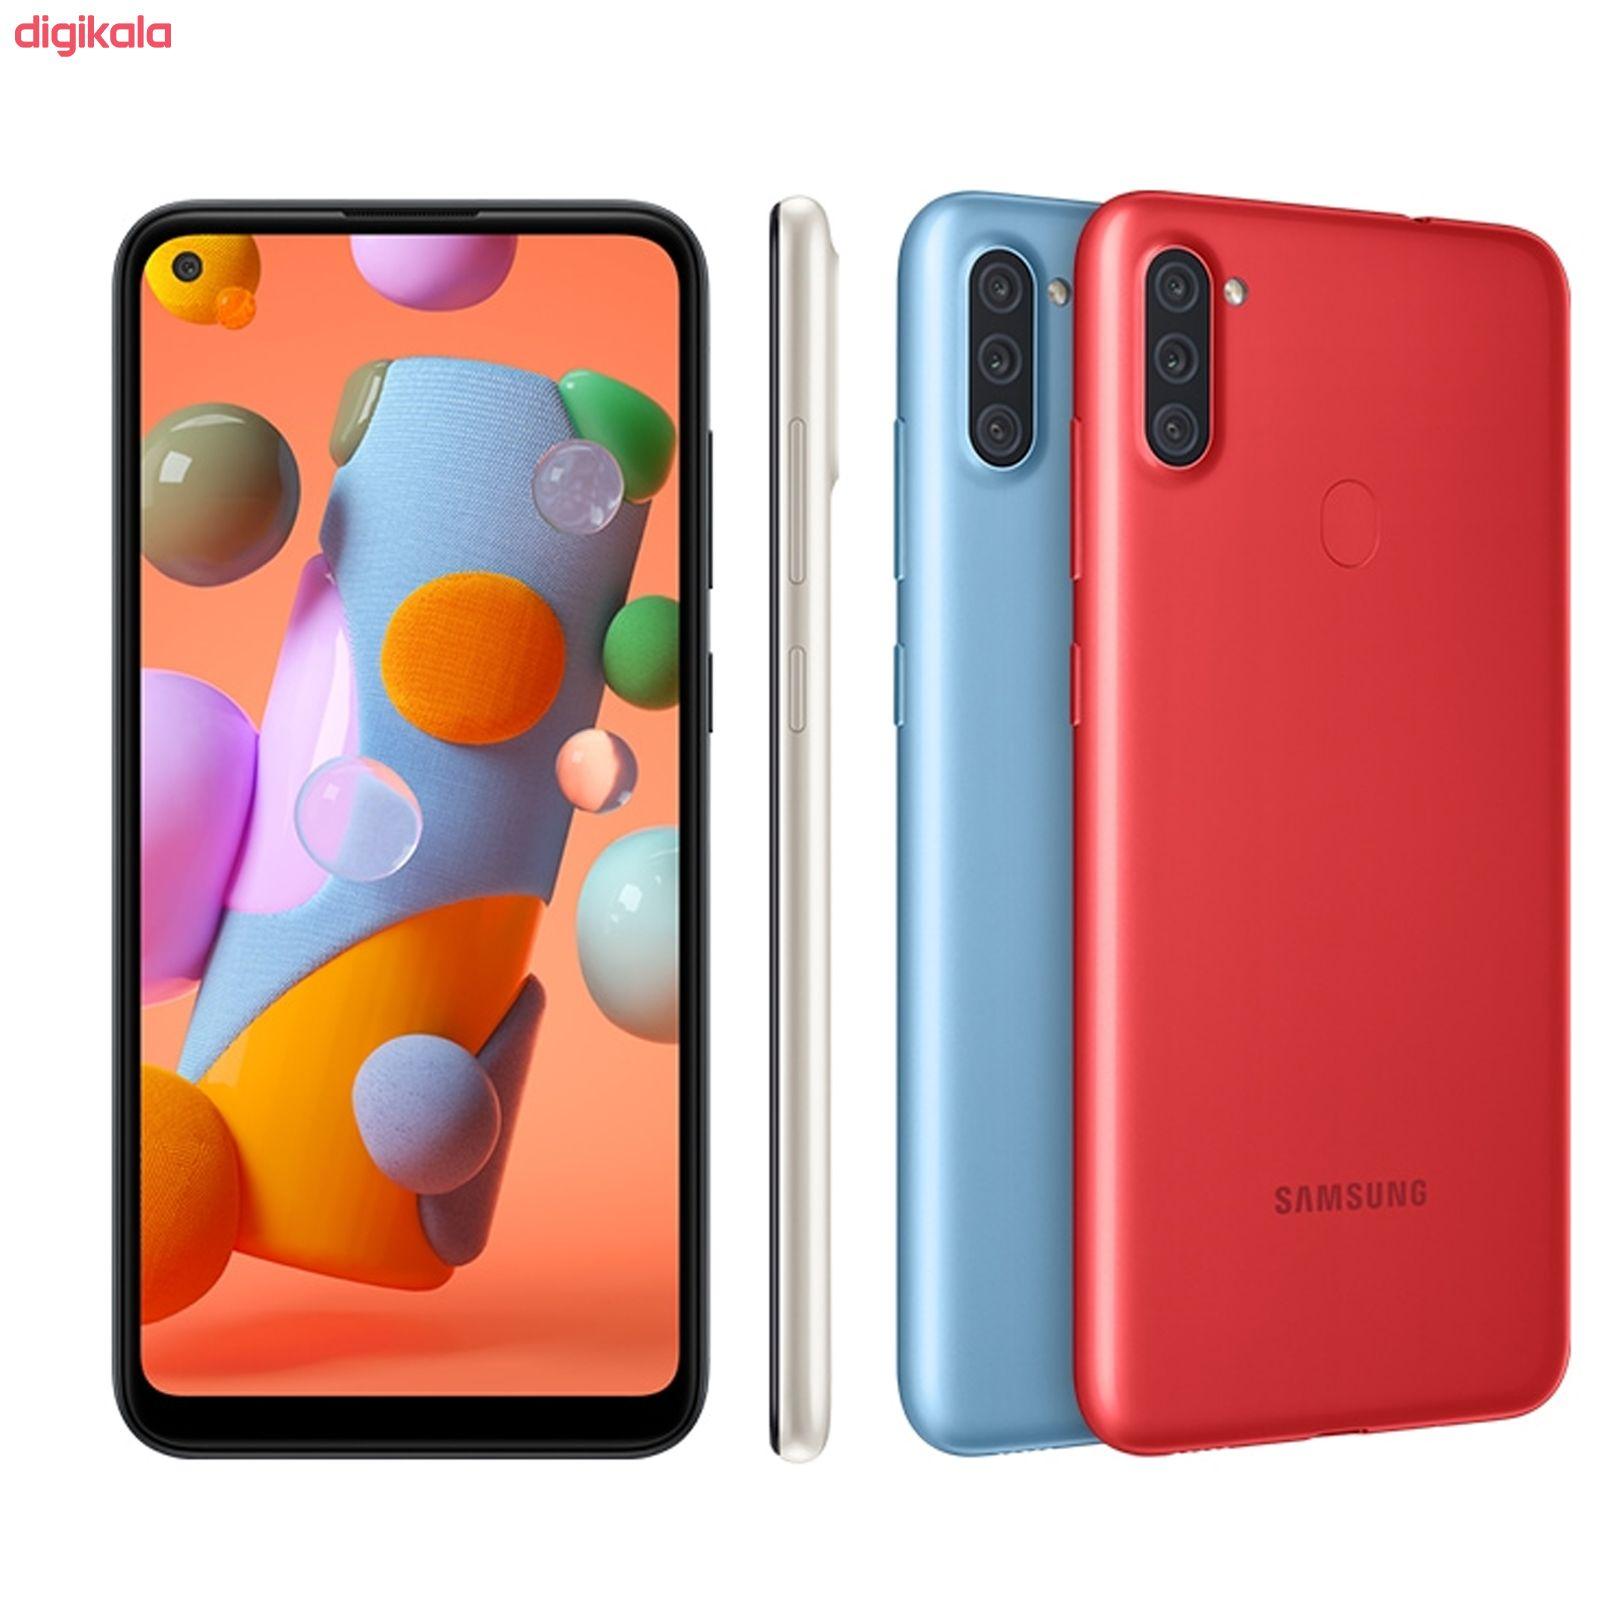 گوشی موبایل سامسونگ مدل Galaxy A11 SM-A115F/DS دو سیم کارت ظرفیت 32 گیگابایت با 3 گیگابایت رم main 1 4